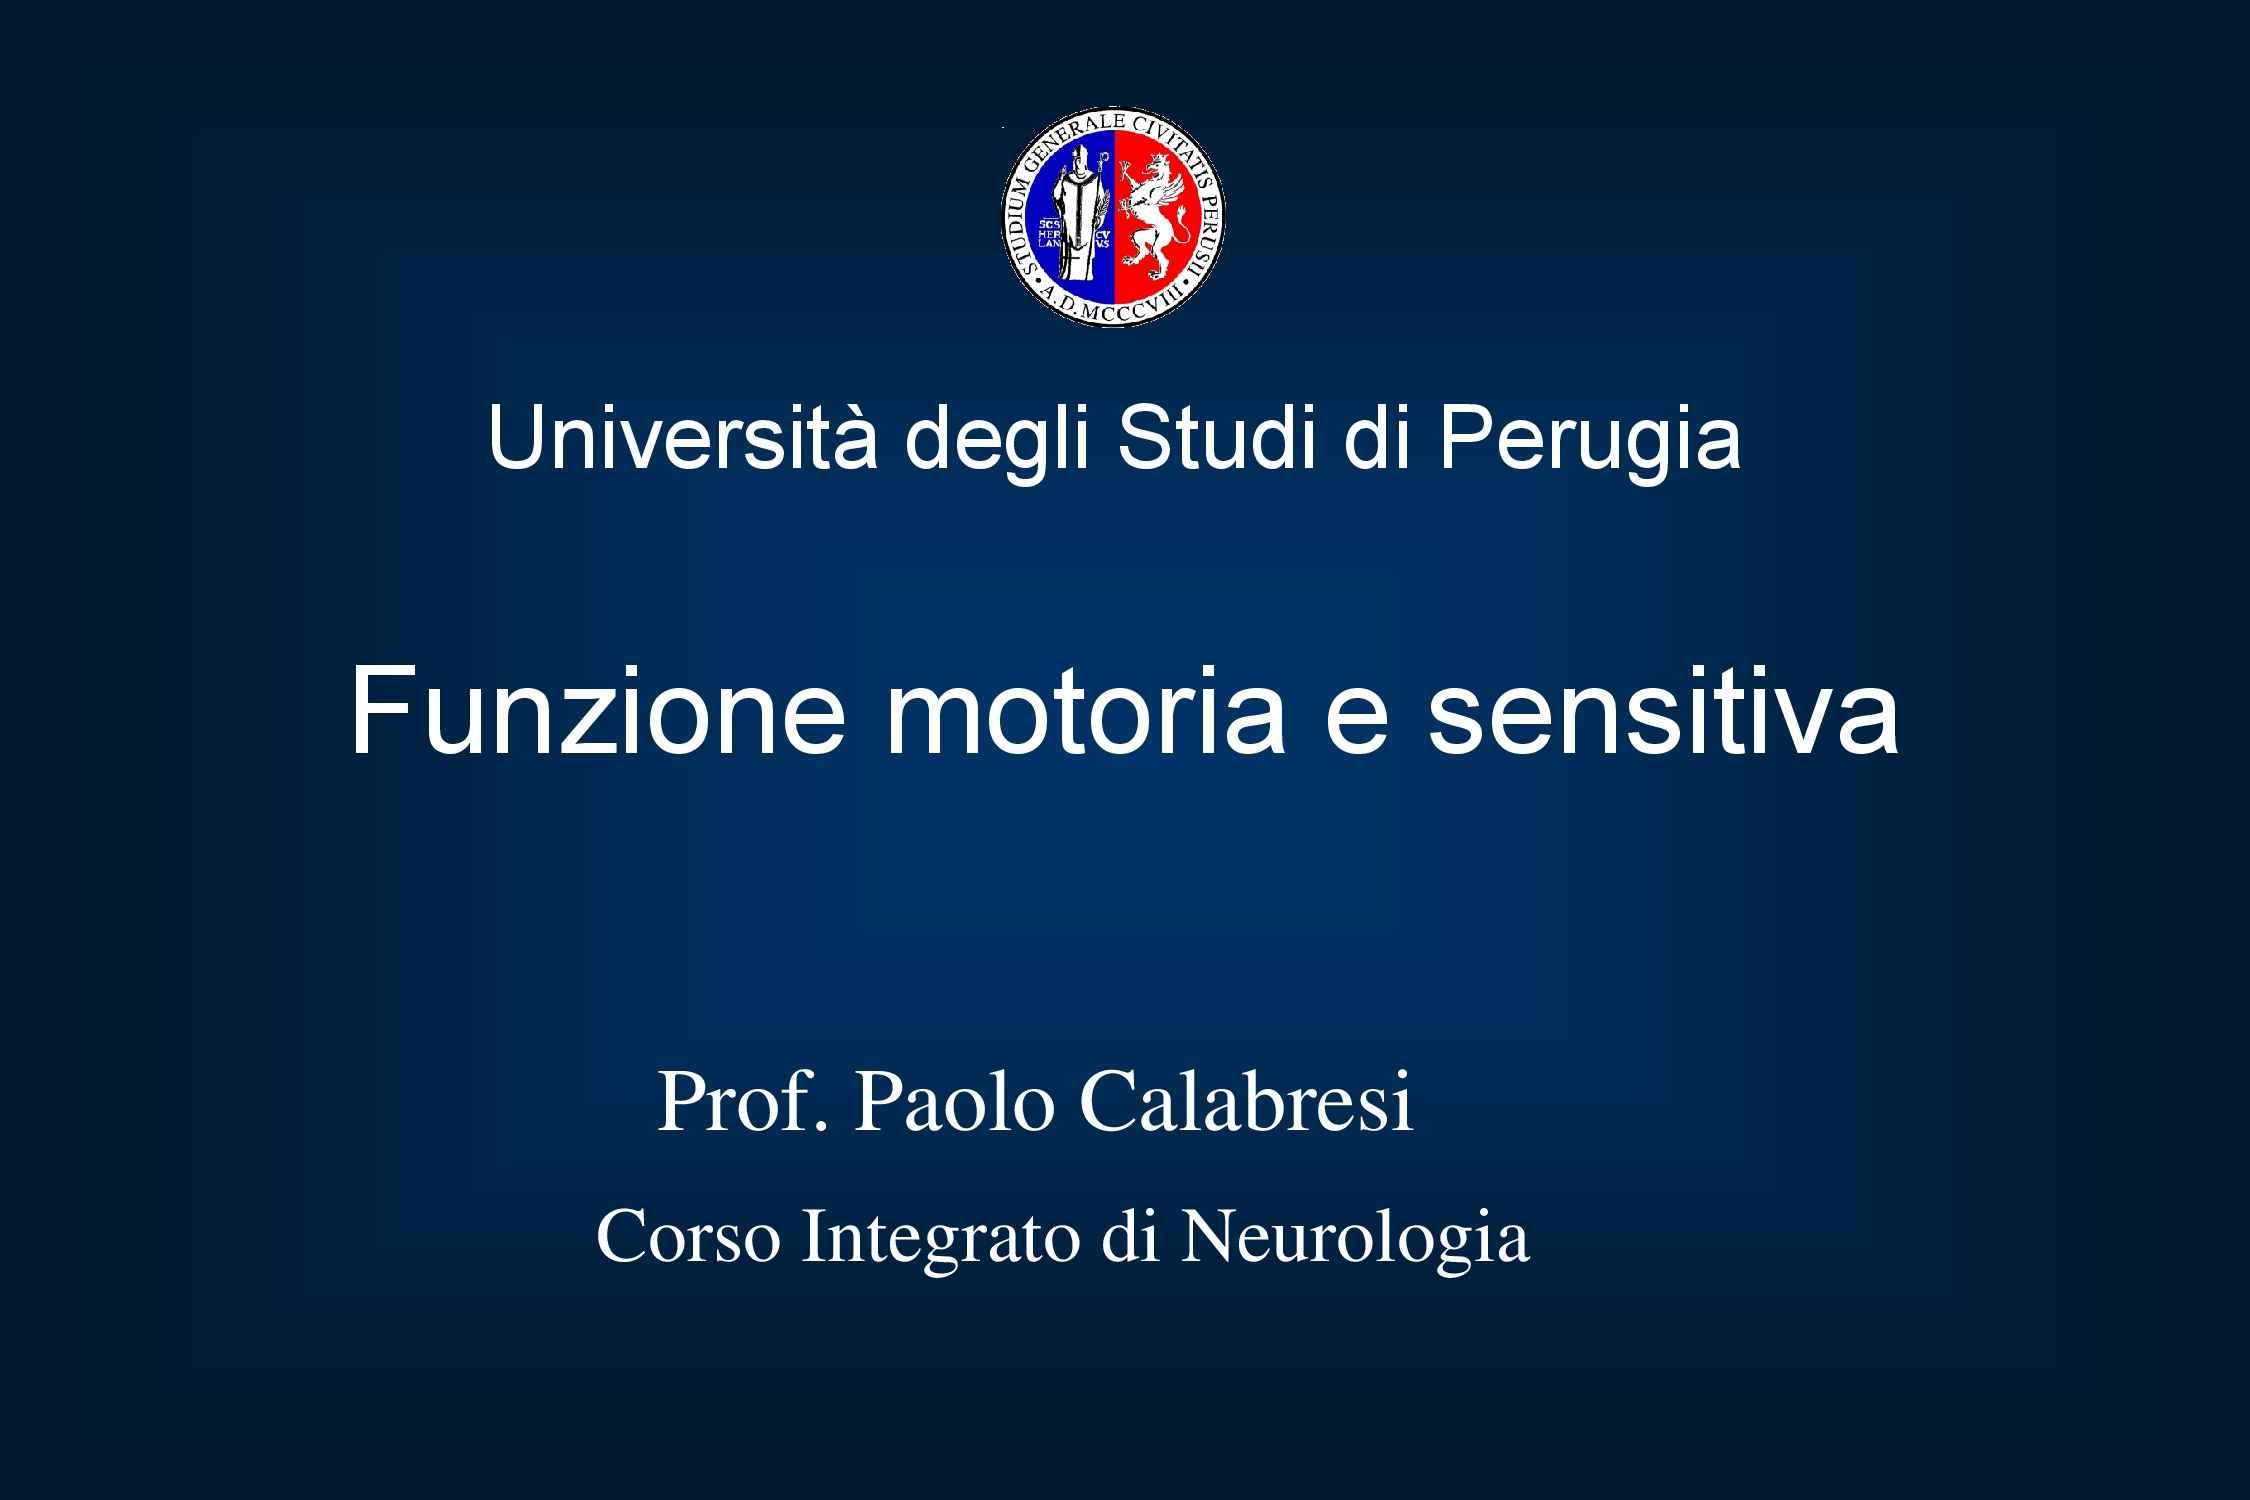 Funzione motoria e sensitiva